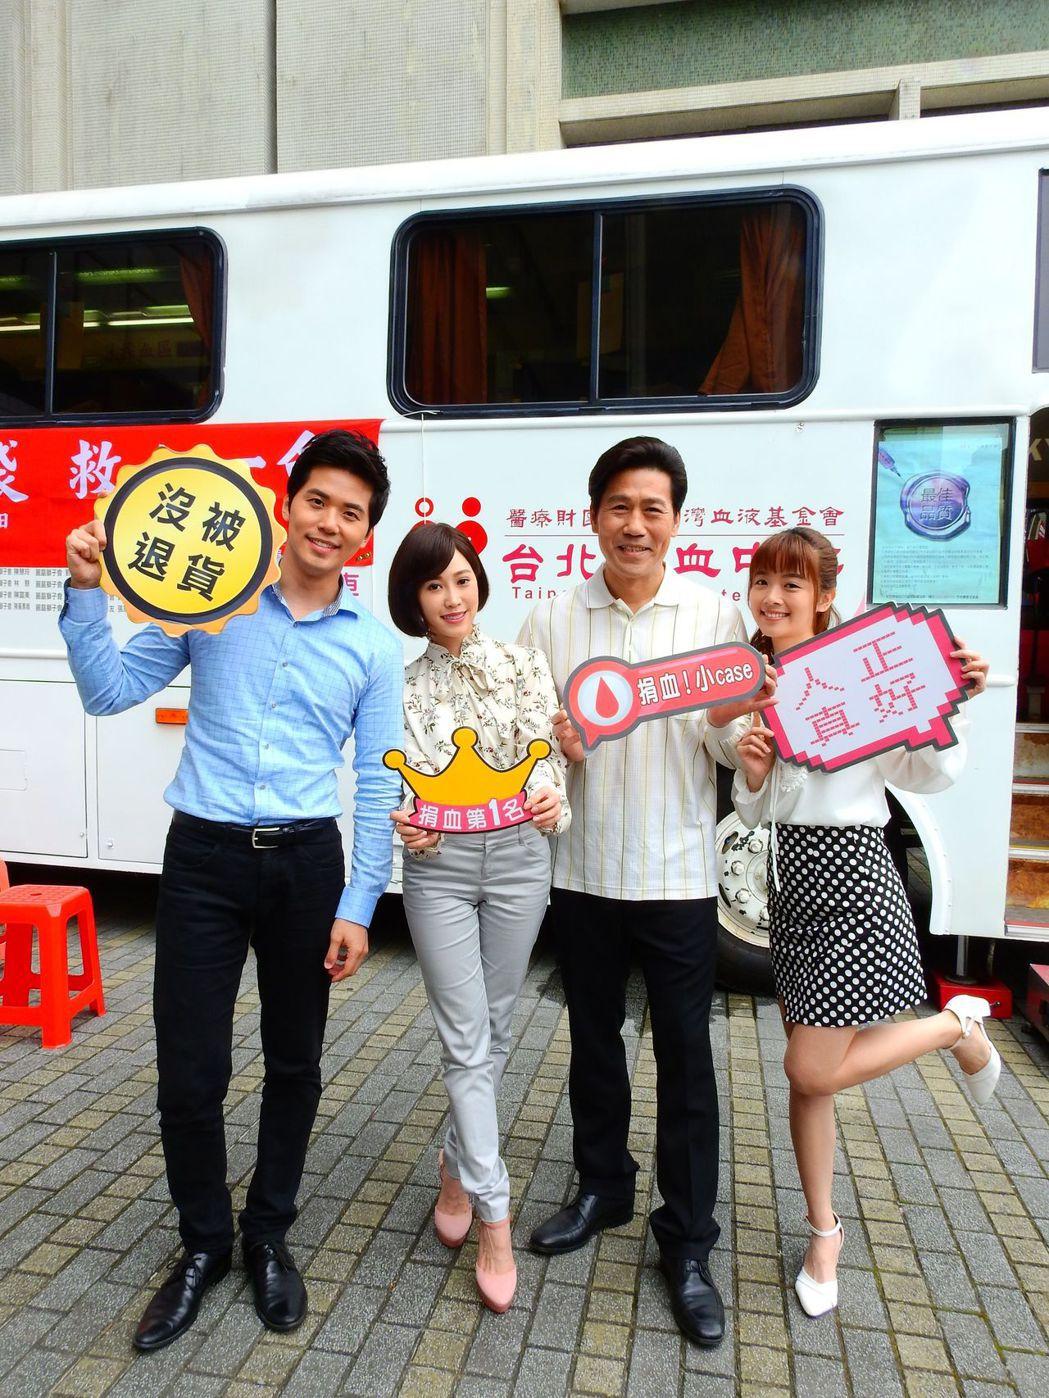 巫宗翰(左起)、黃露瑤、羅時豐、程雅晨響應捐血。圖/台視提供